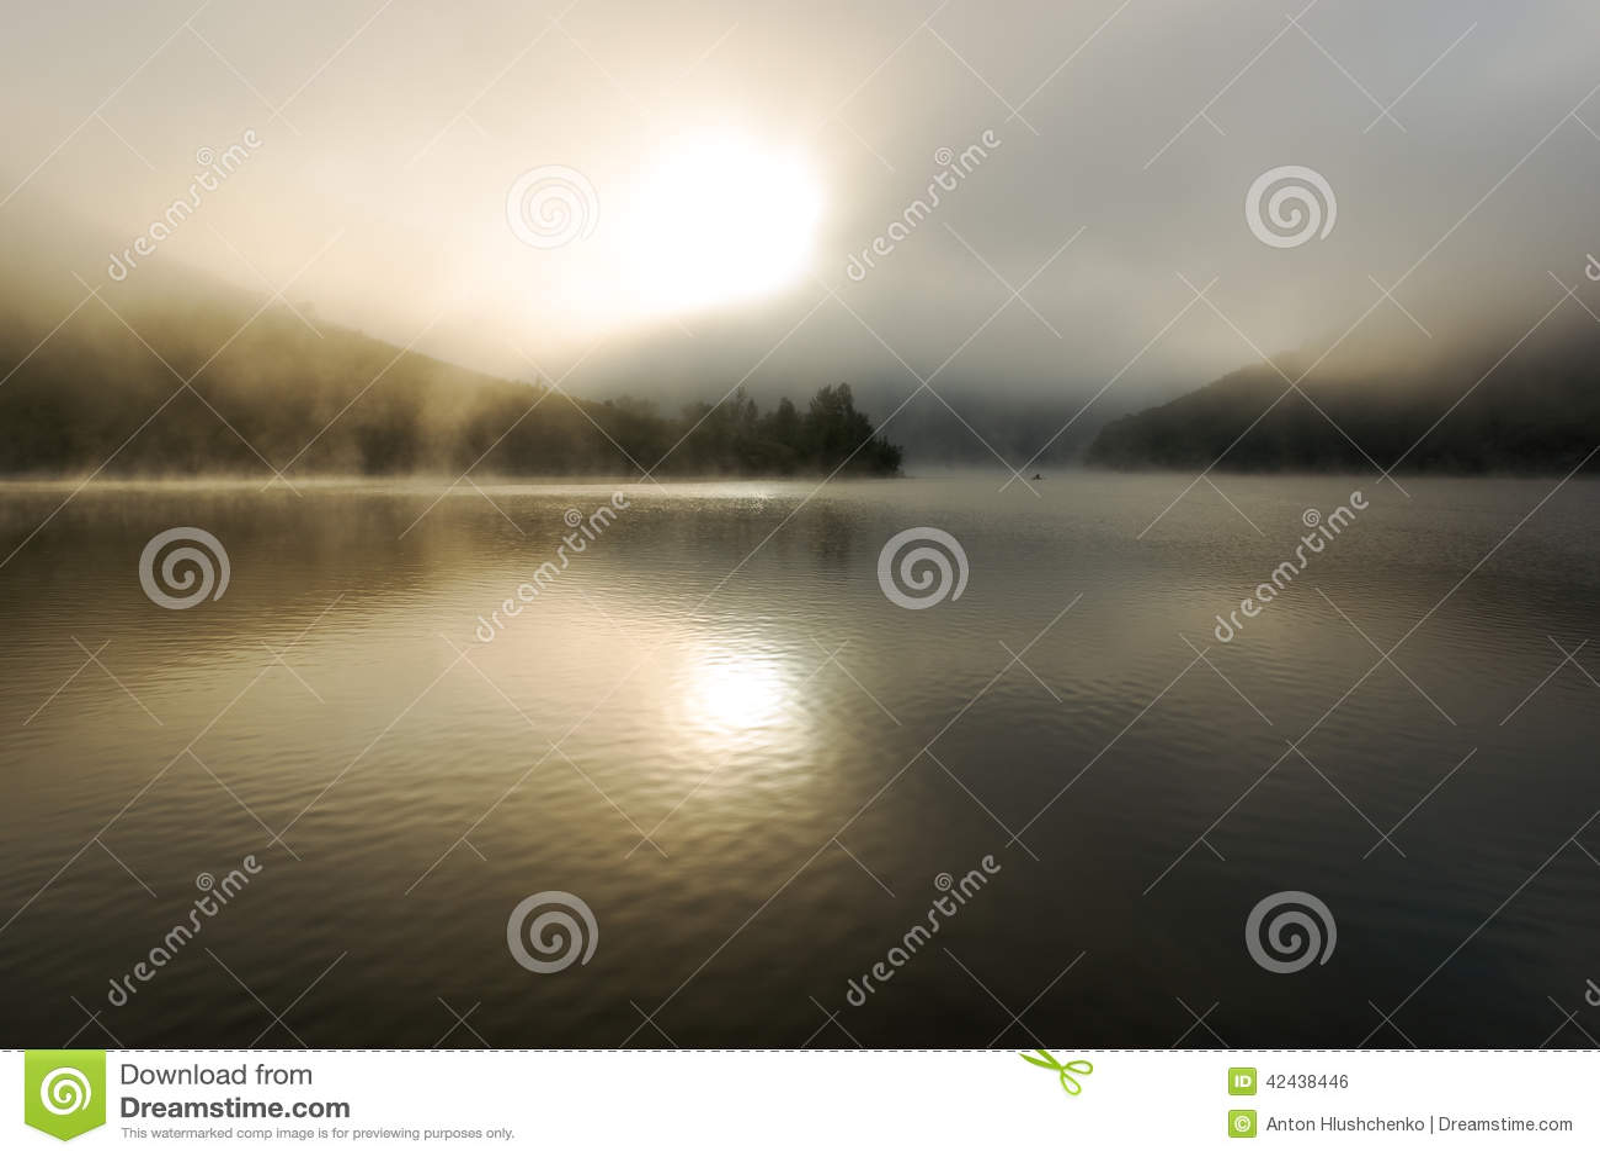 Río de niebla